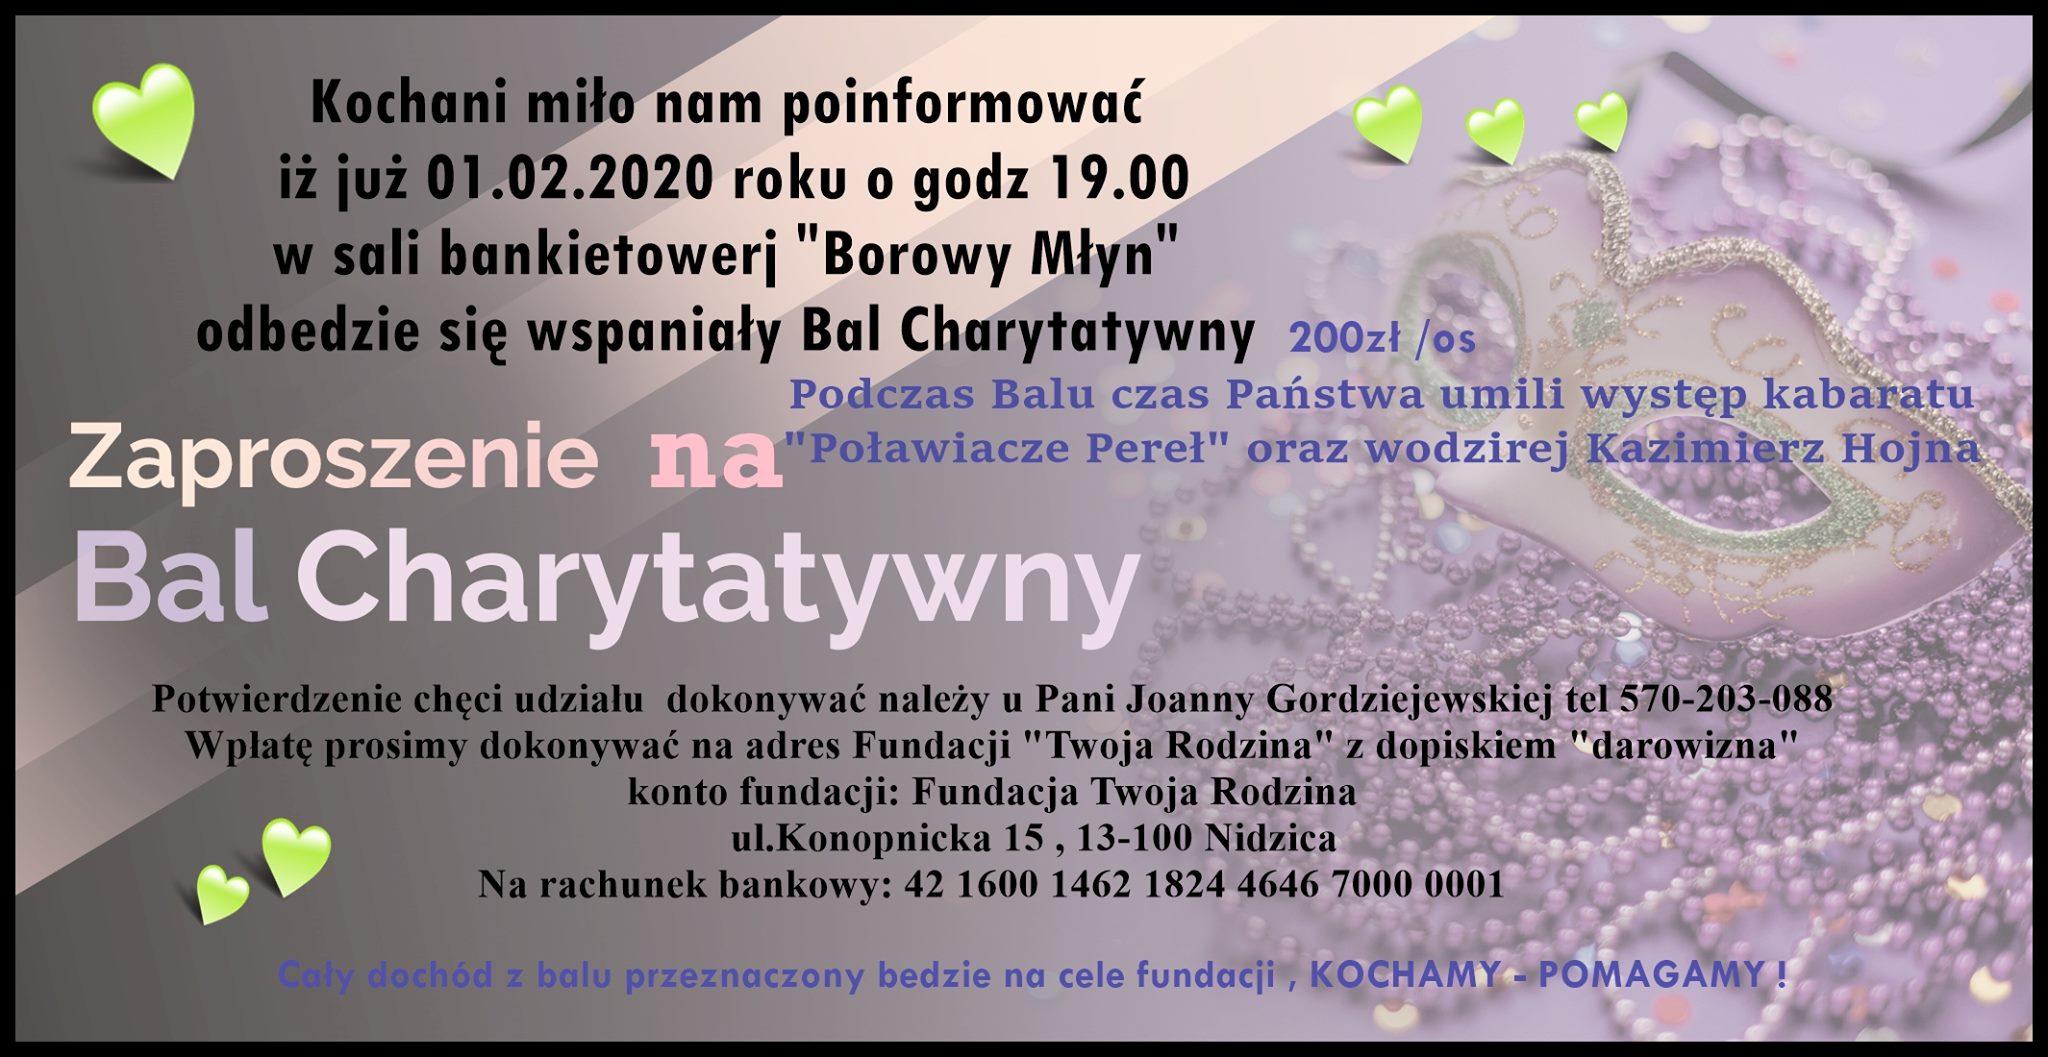 Bal Charytatywny :) Świetna zabawa i szczytny cel!